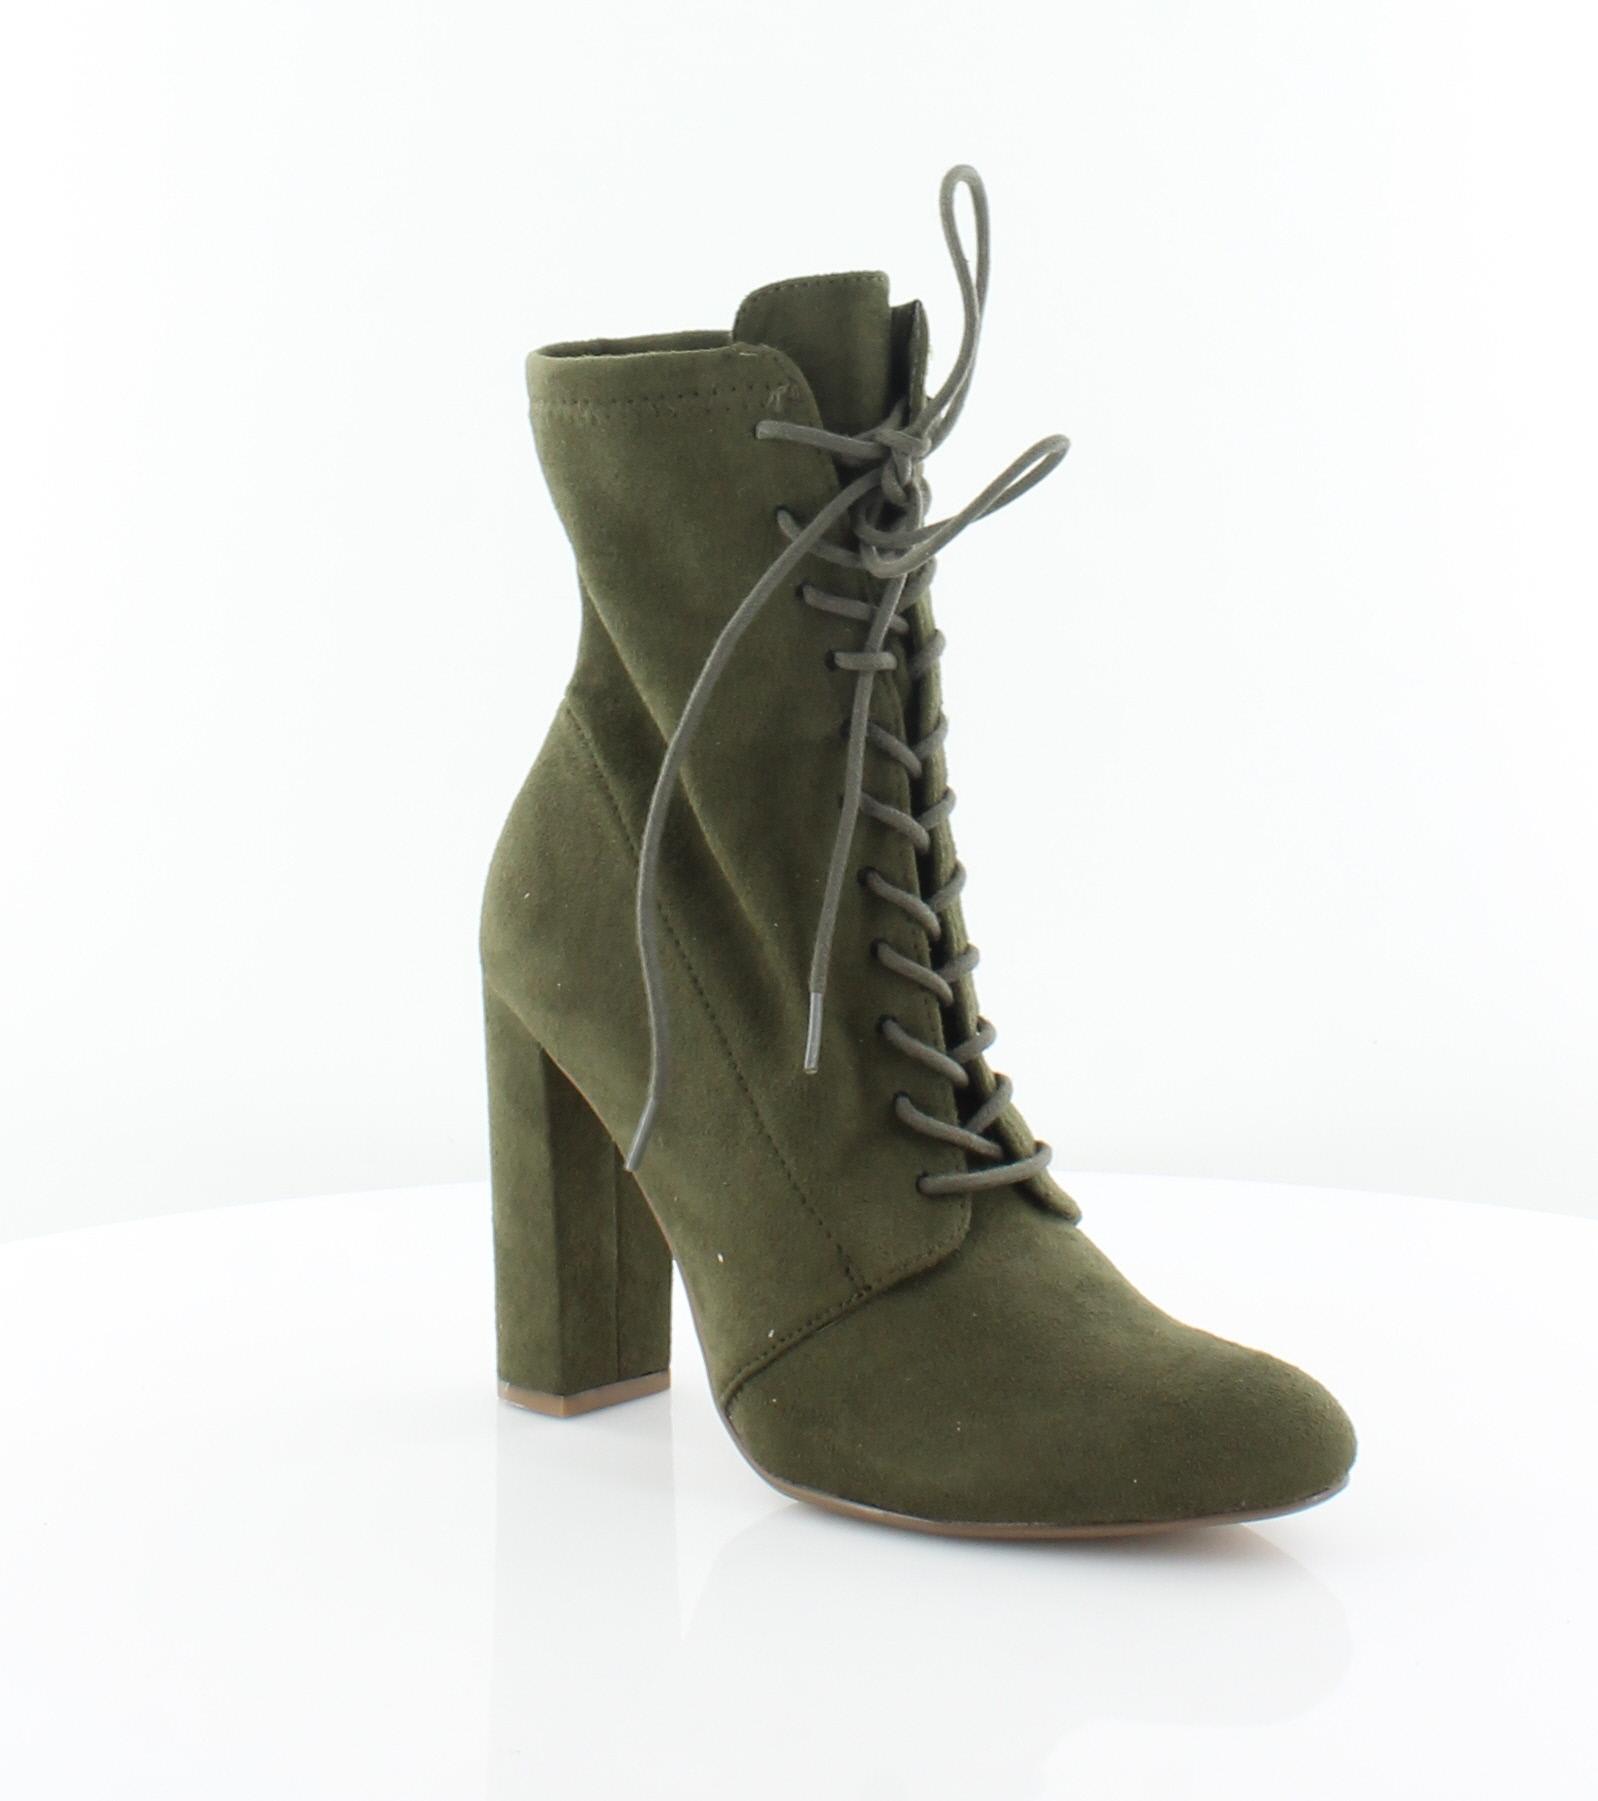 Steve Madden New Elley Grün Damenschuhe Schuhes 5.5 Größe 5.5 Schuhes M Stiefel MSRP 99 0e9fd9